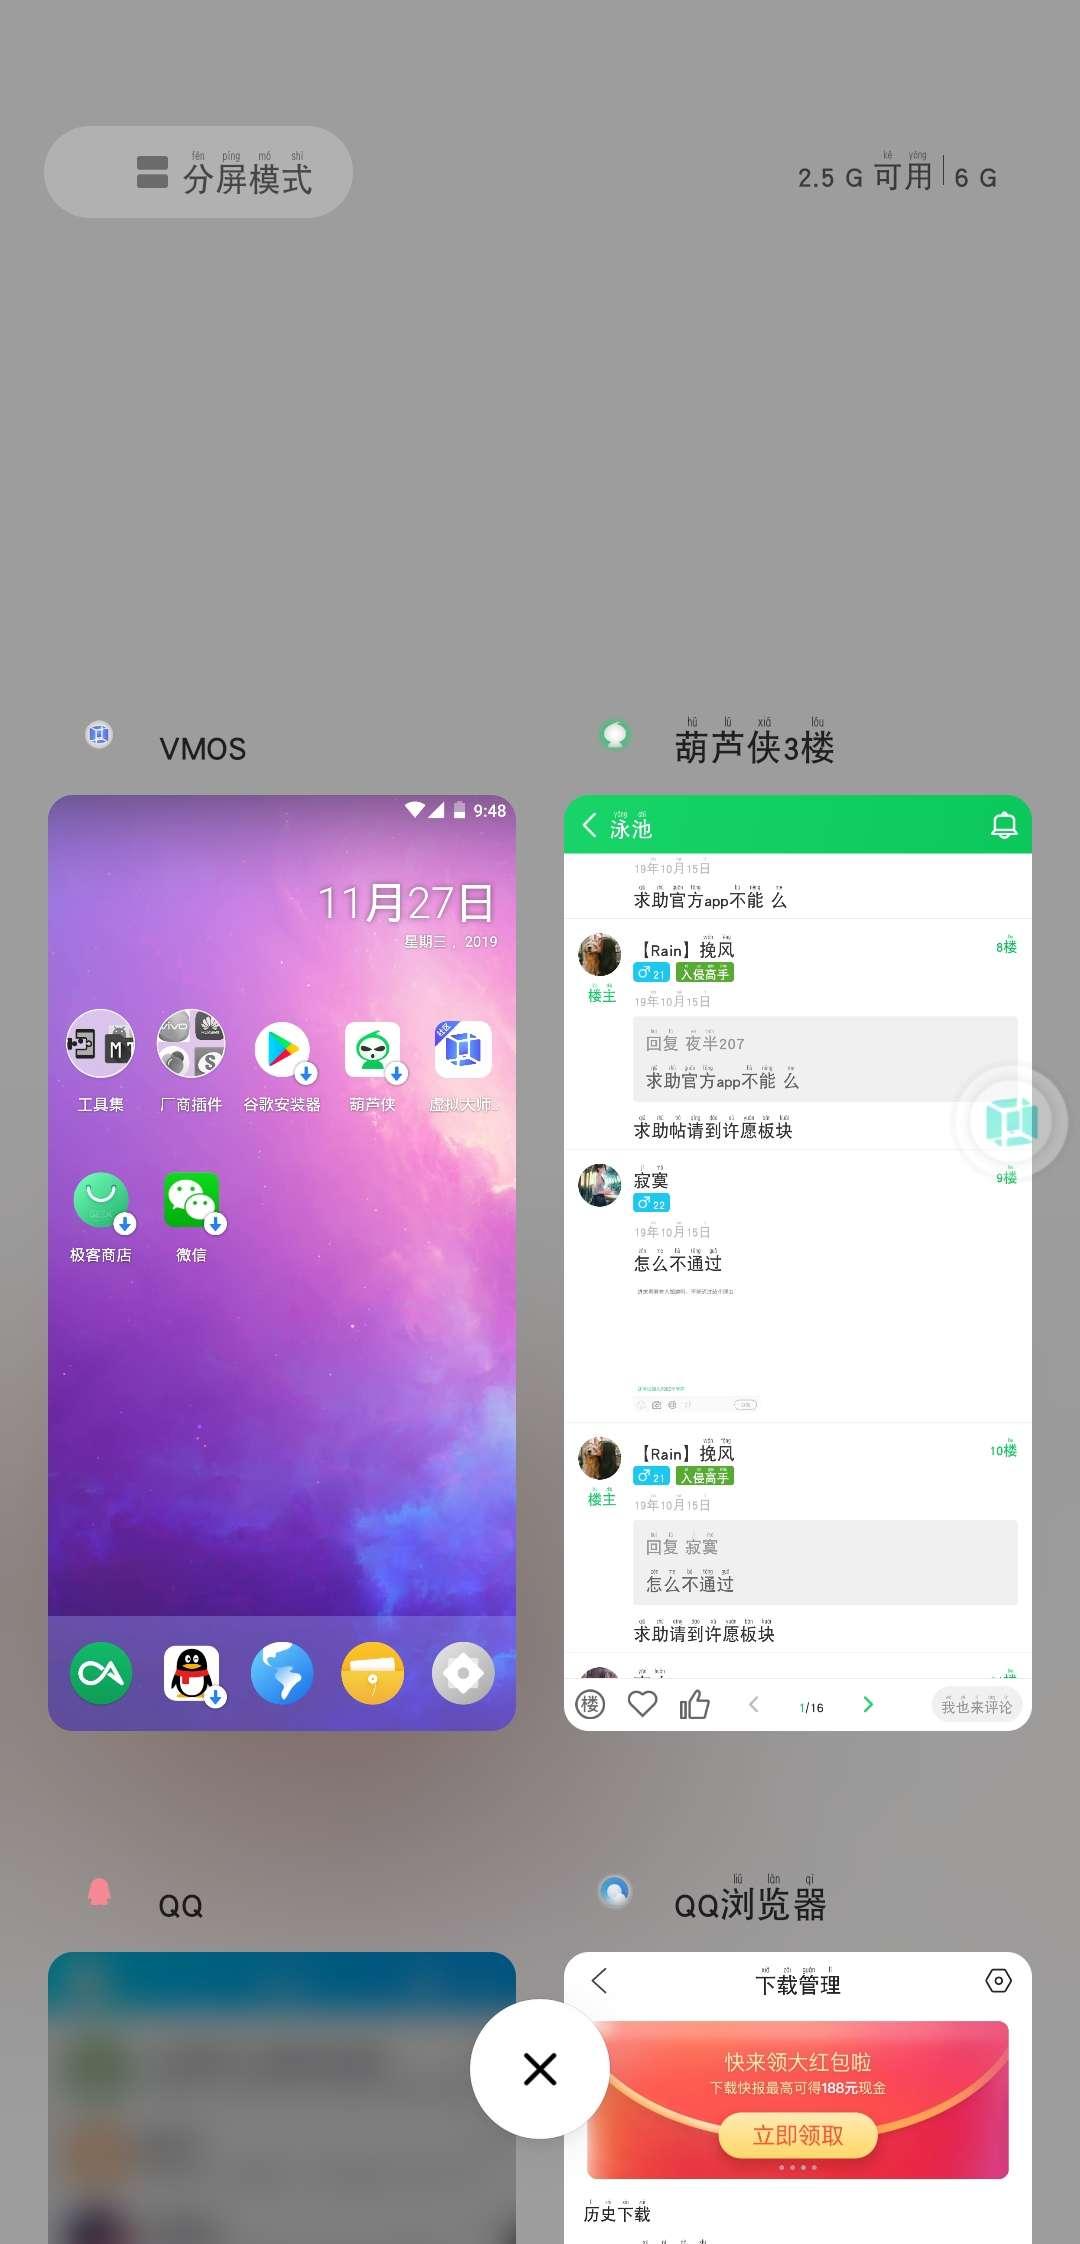 【考核】VMOS(虚拟大师)